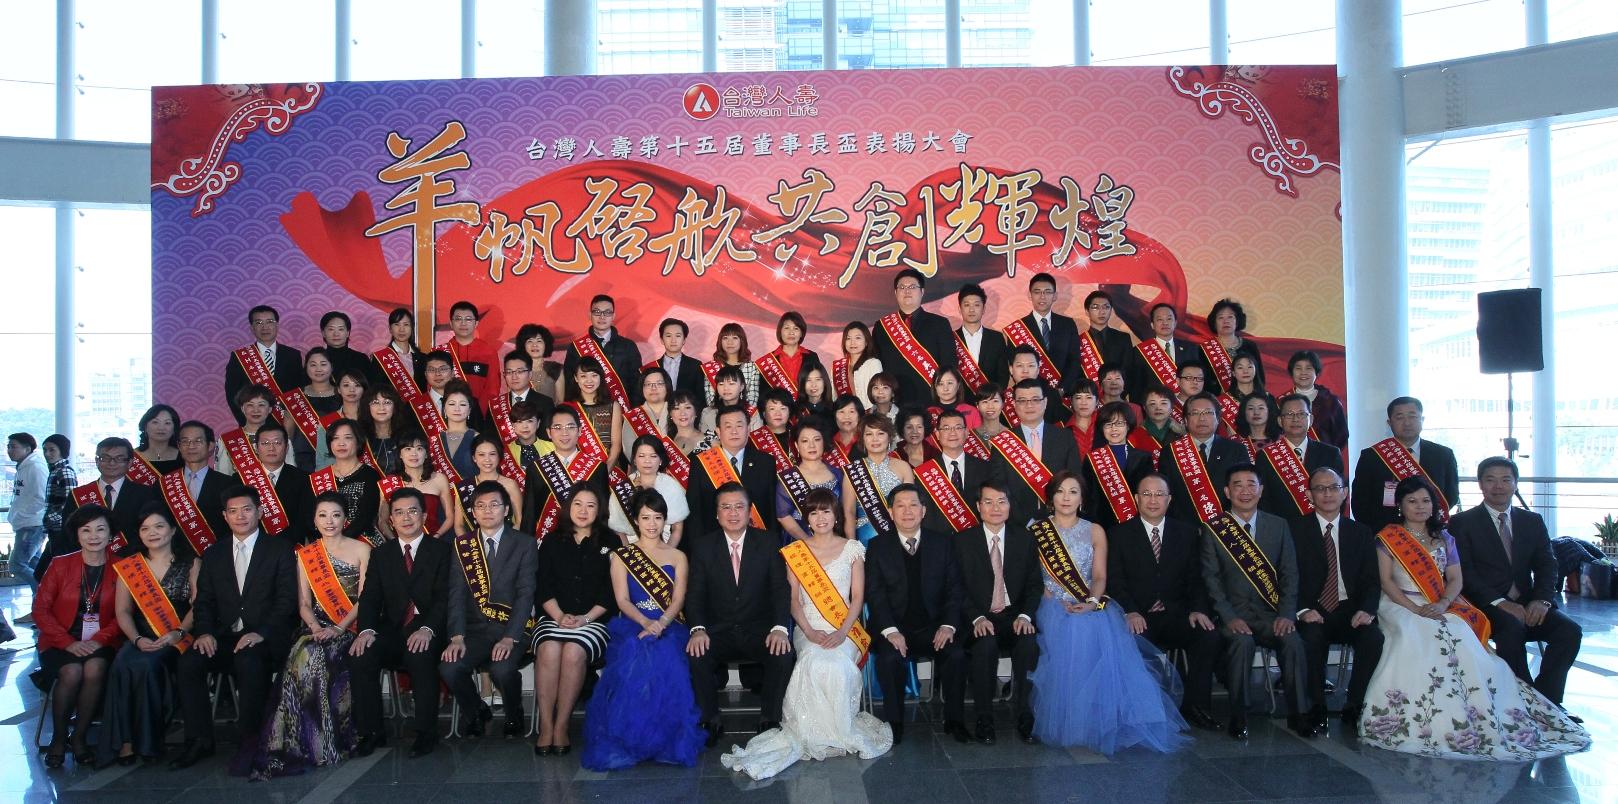 台灣人壽金融集團「2014望年會暨董事長盃表揚大會」